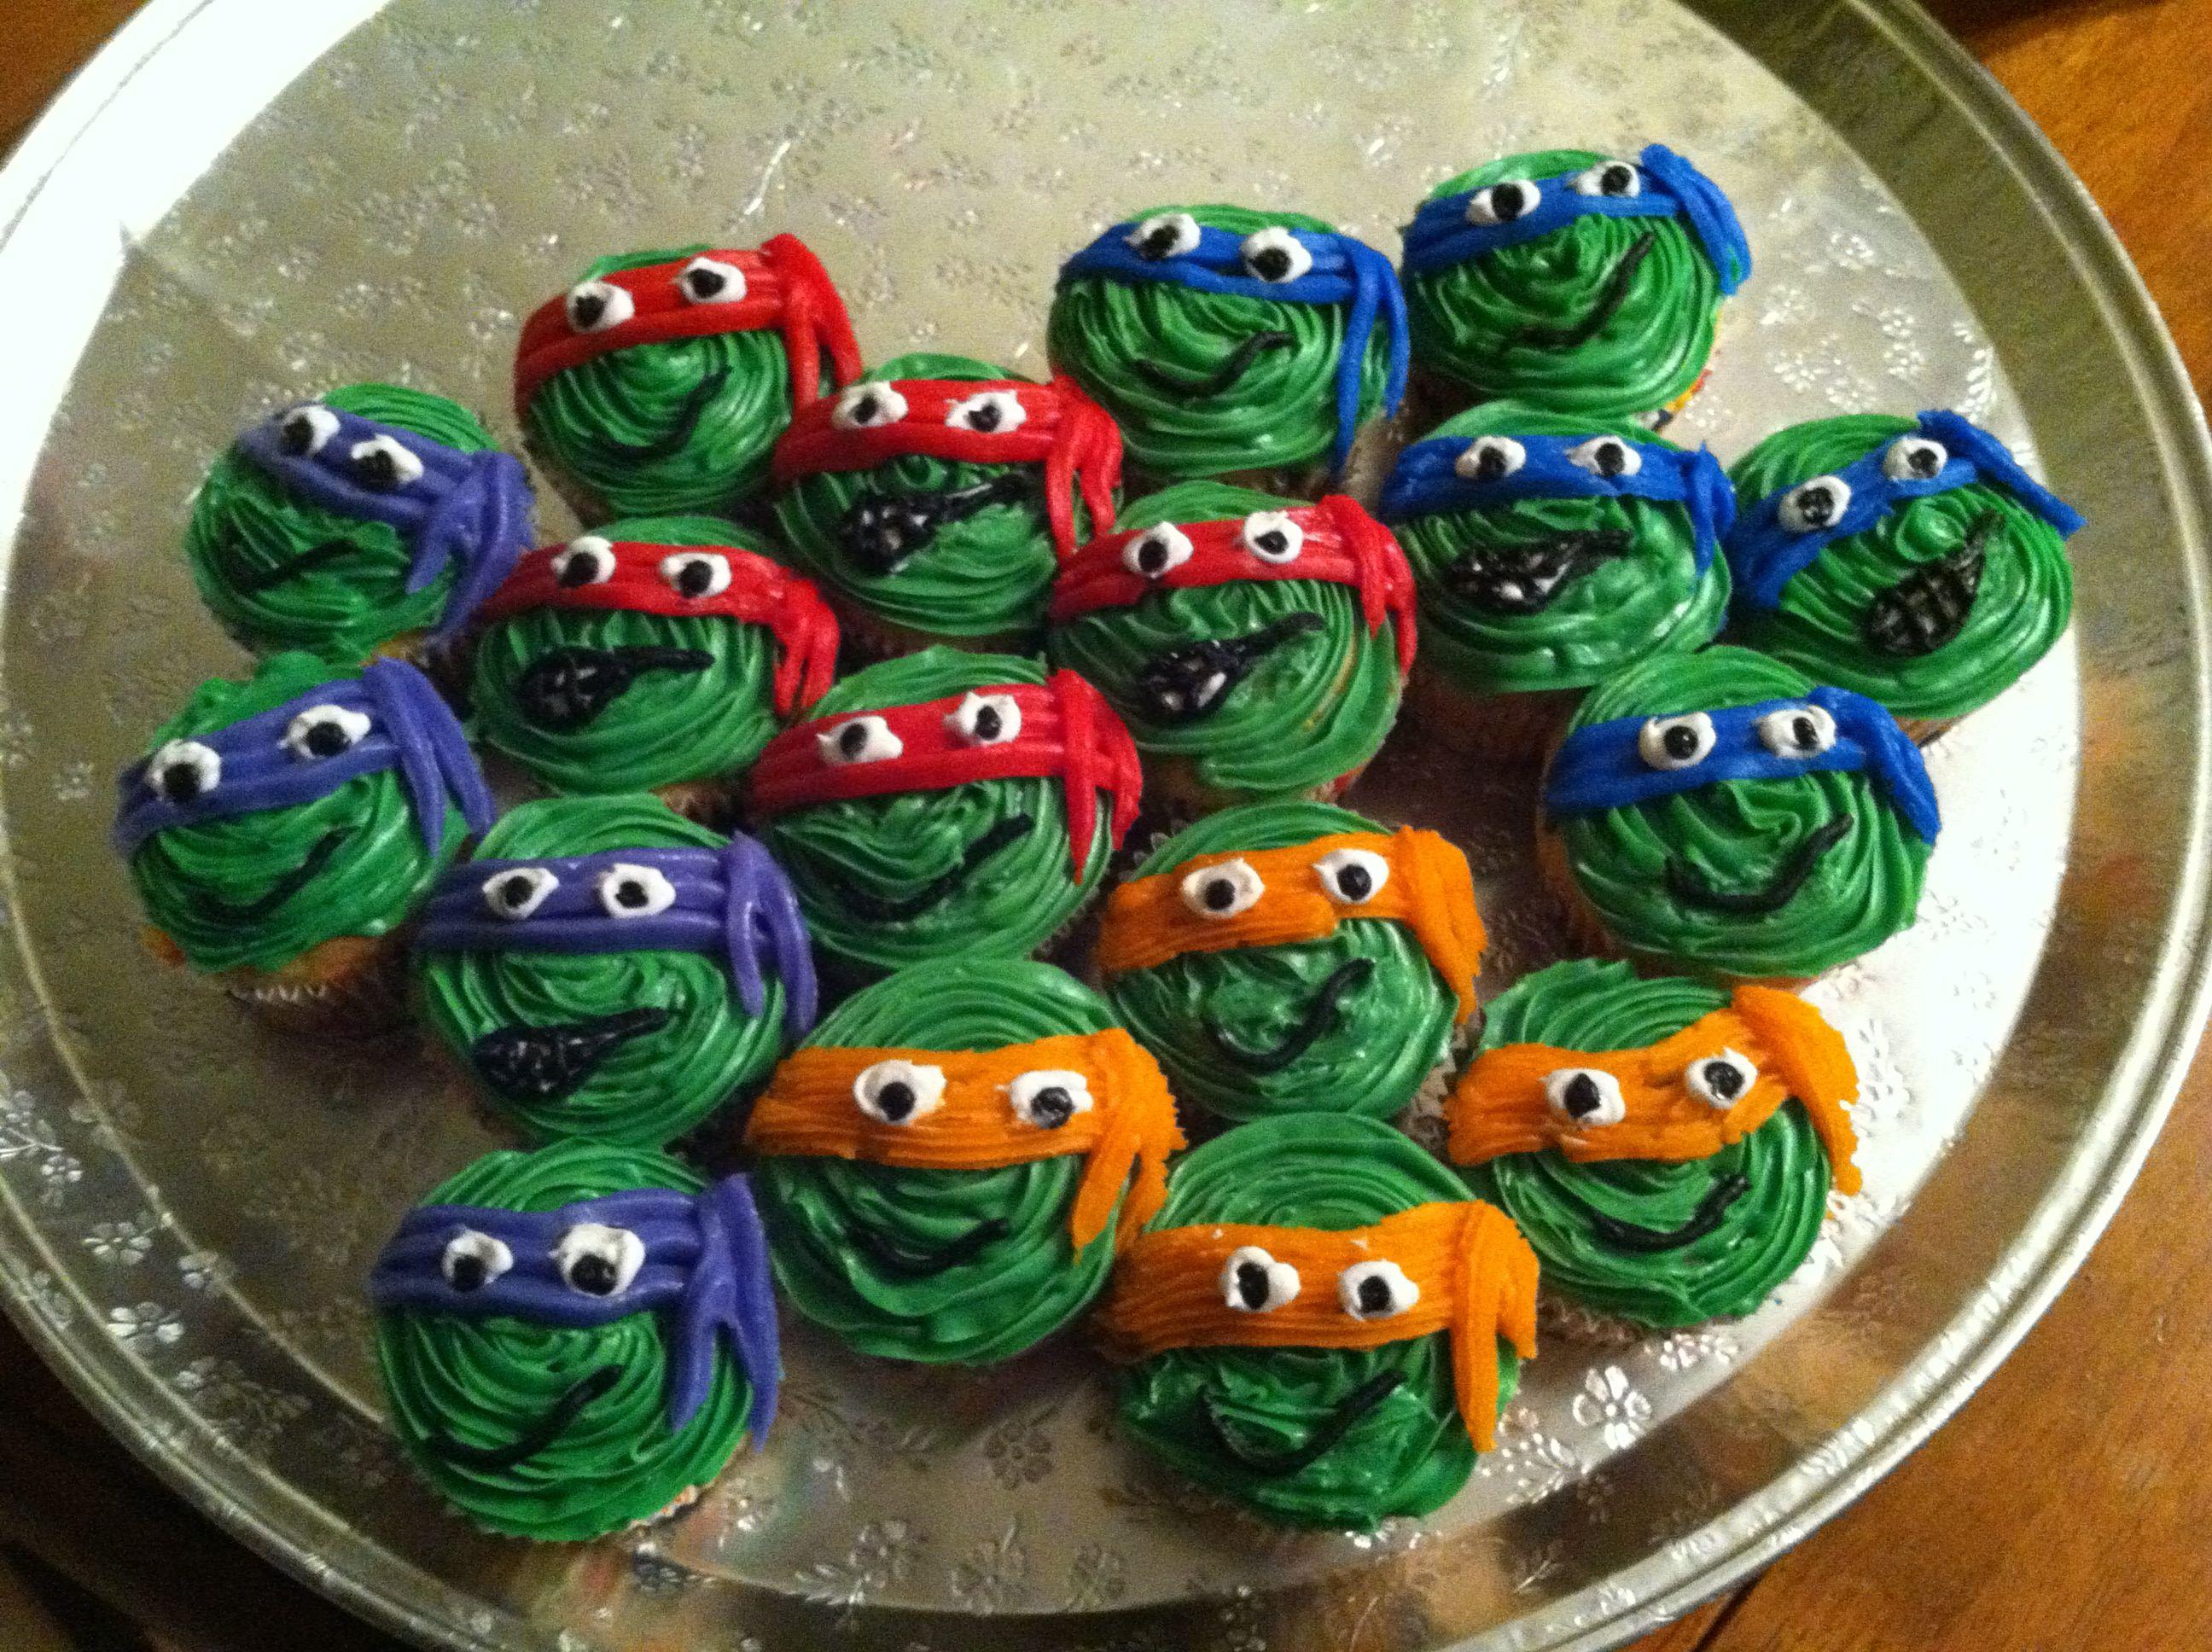 Ninja turtle cupcakes!